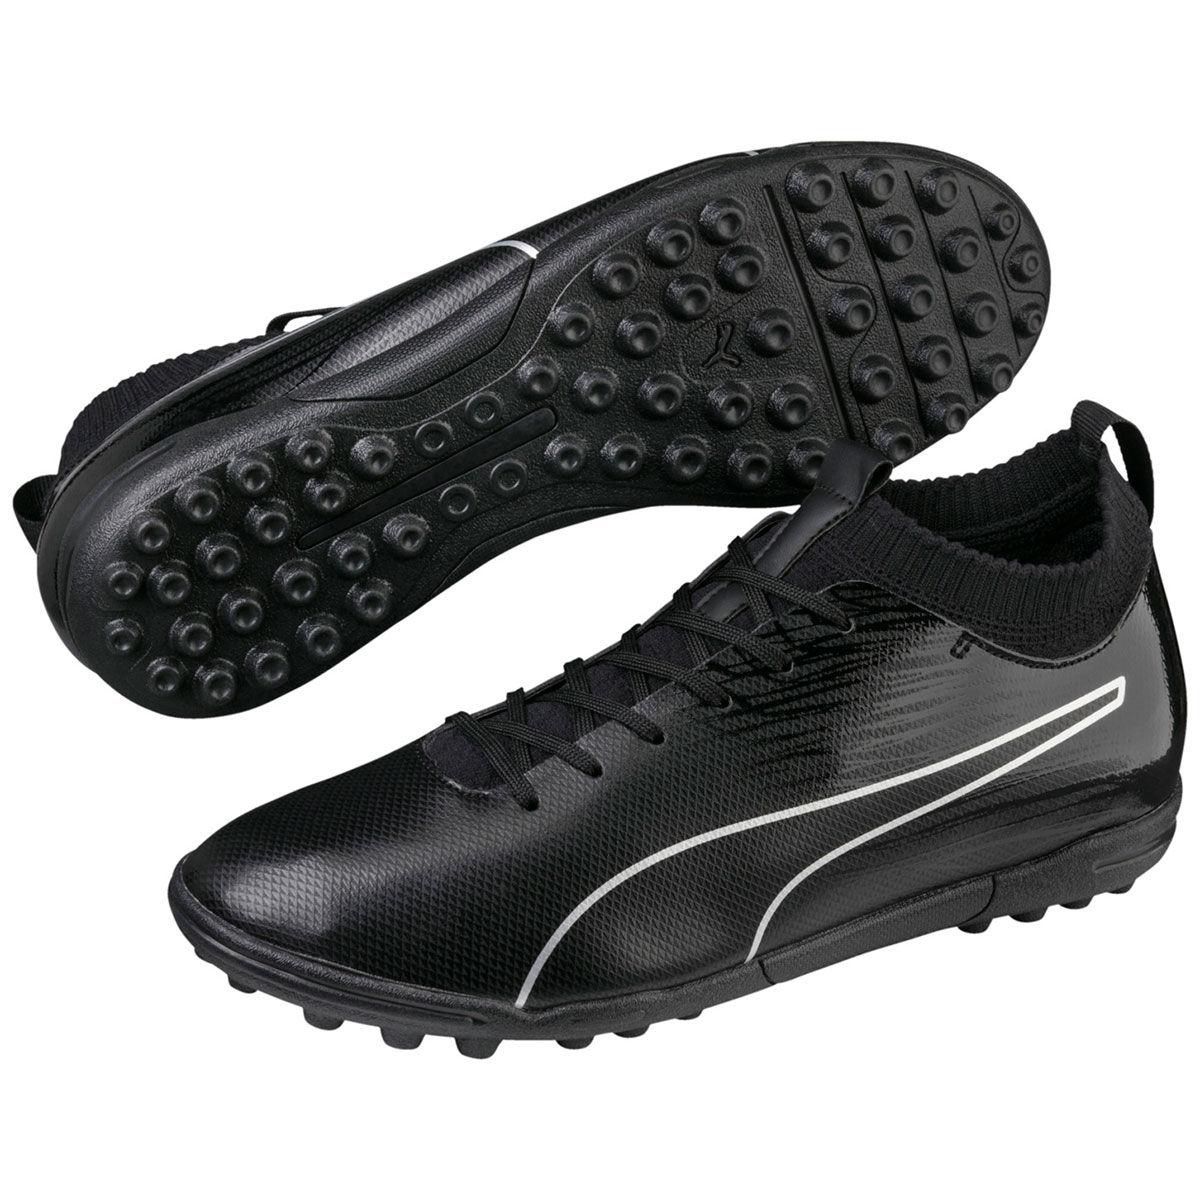 Puma Men's Evoknit Ftb Ii Tt Soccer Cleats - Black, 8.5